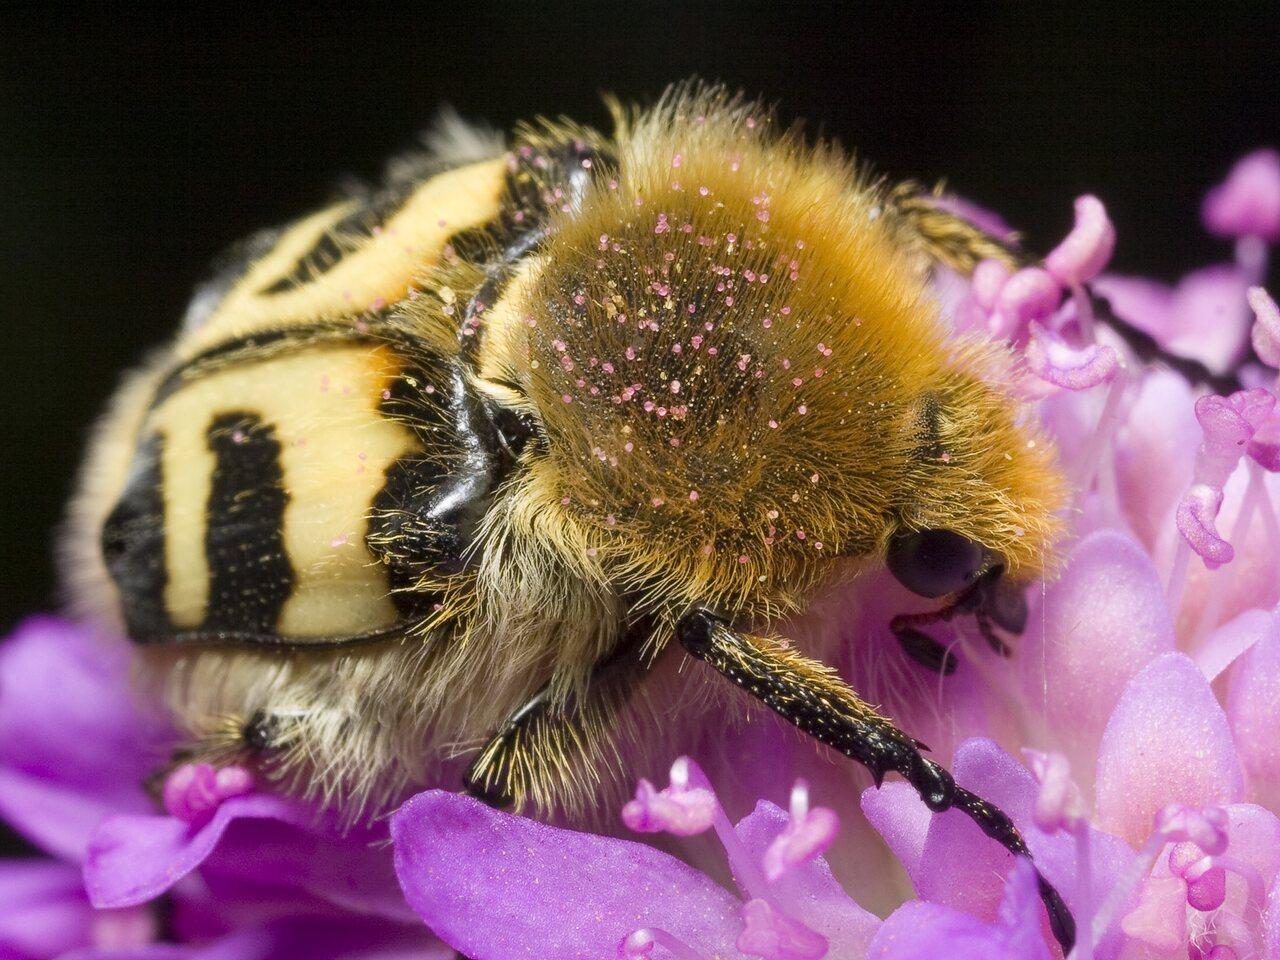 Trichius-fasciatus-0853.jpg